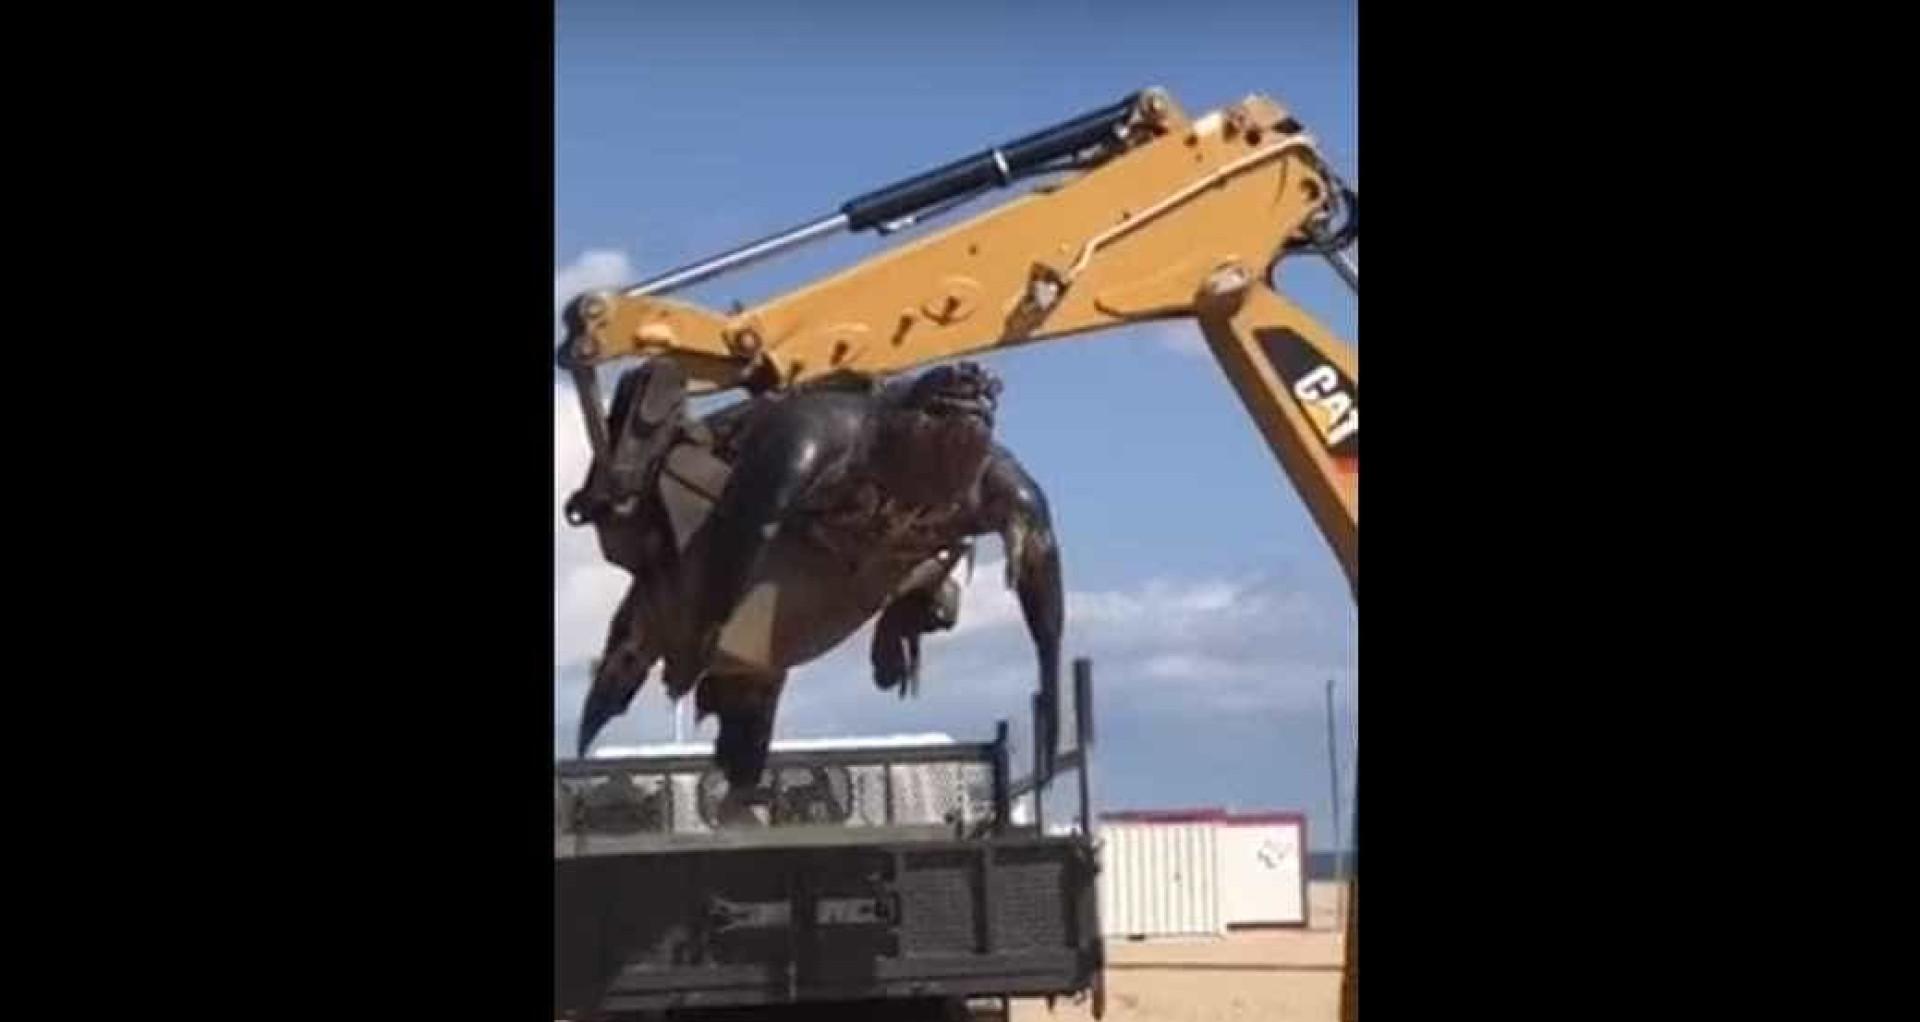 Tartaruga gigante encontrada em praia espanhola